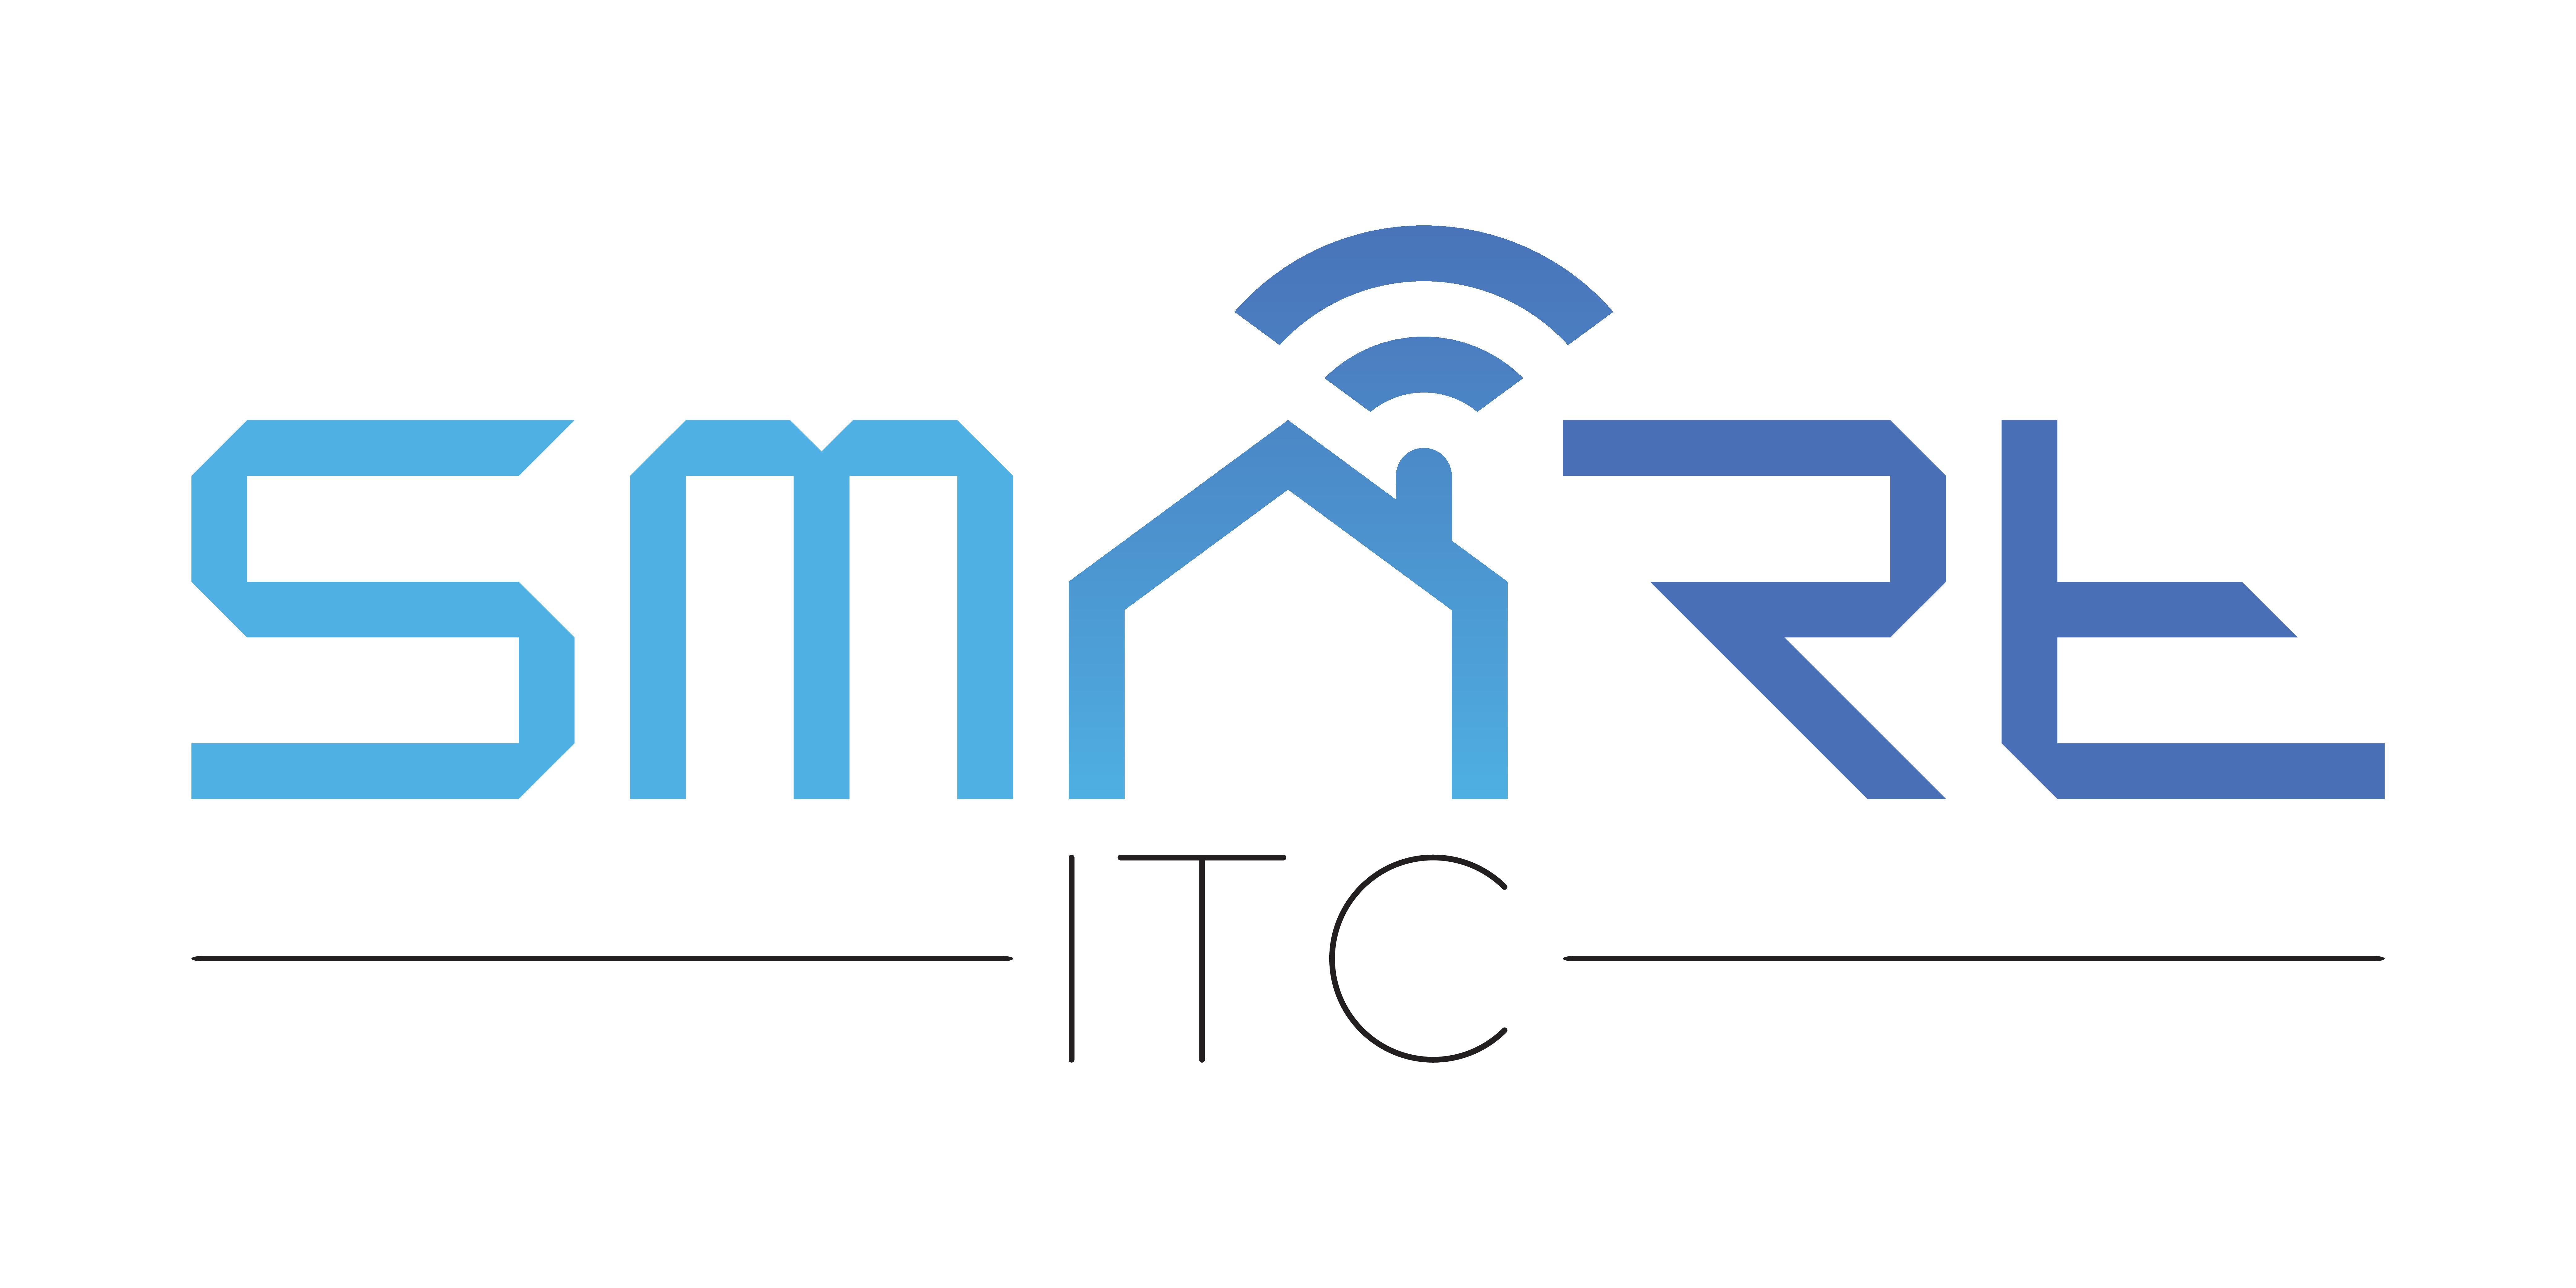 In Zusammenarbeit mit Smart ITC, kümmern wir uns die smarte Einrichtung Ihrer Arbeitsplätze und Ihrem privatem Haushalt.